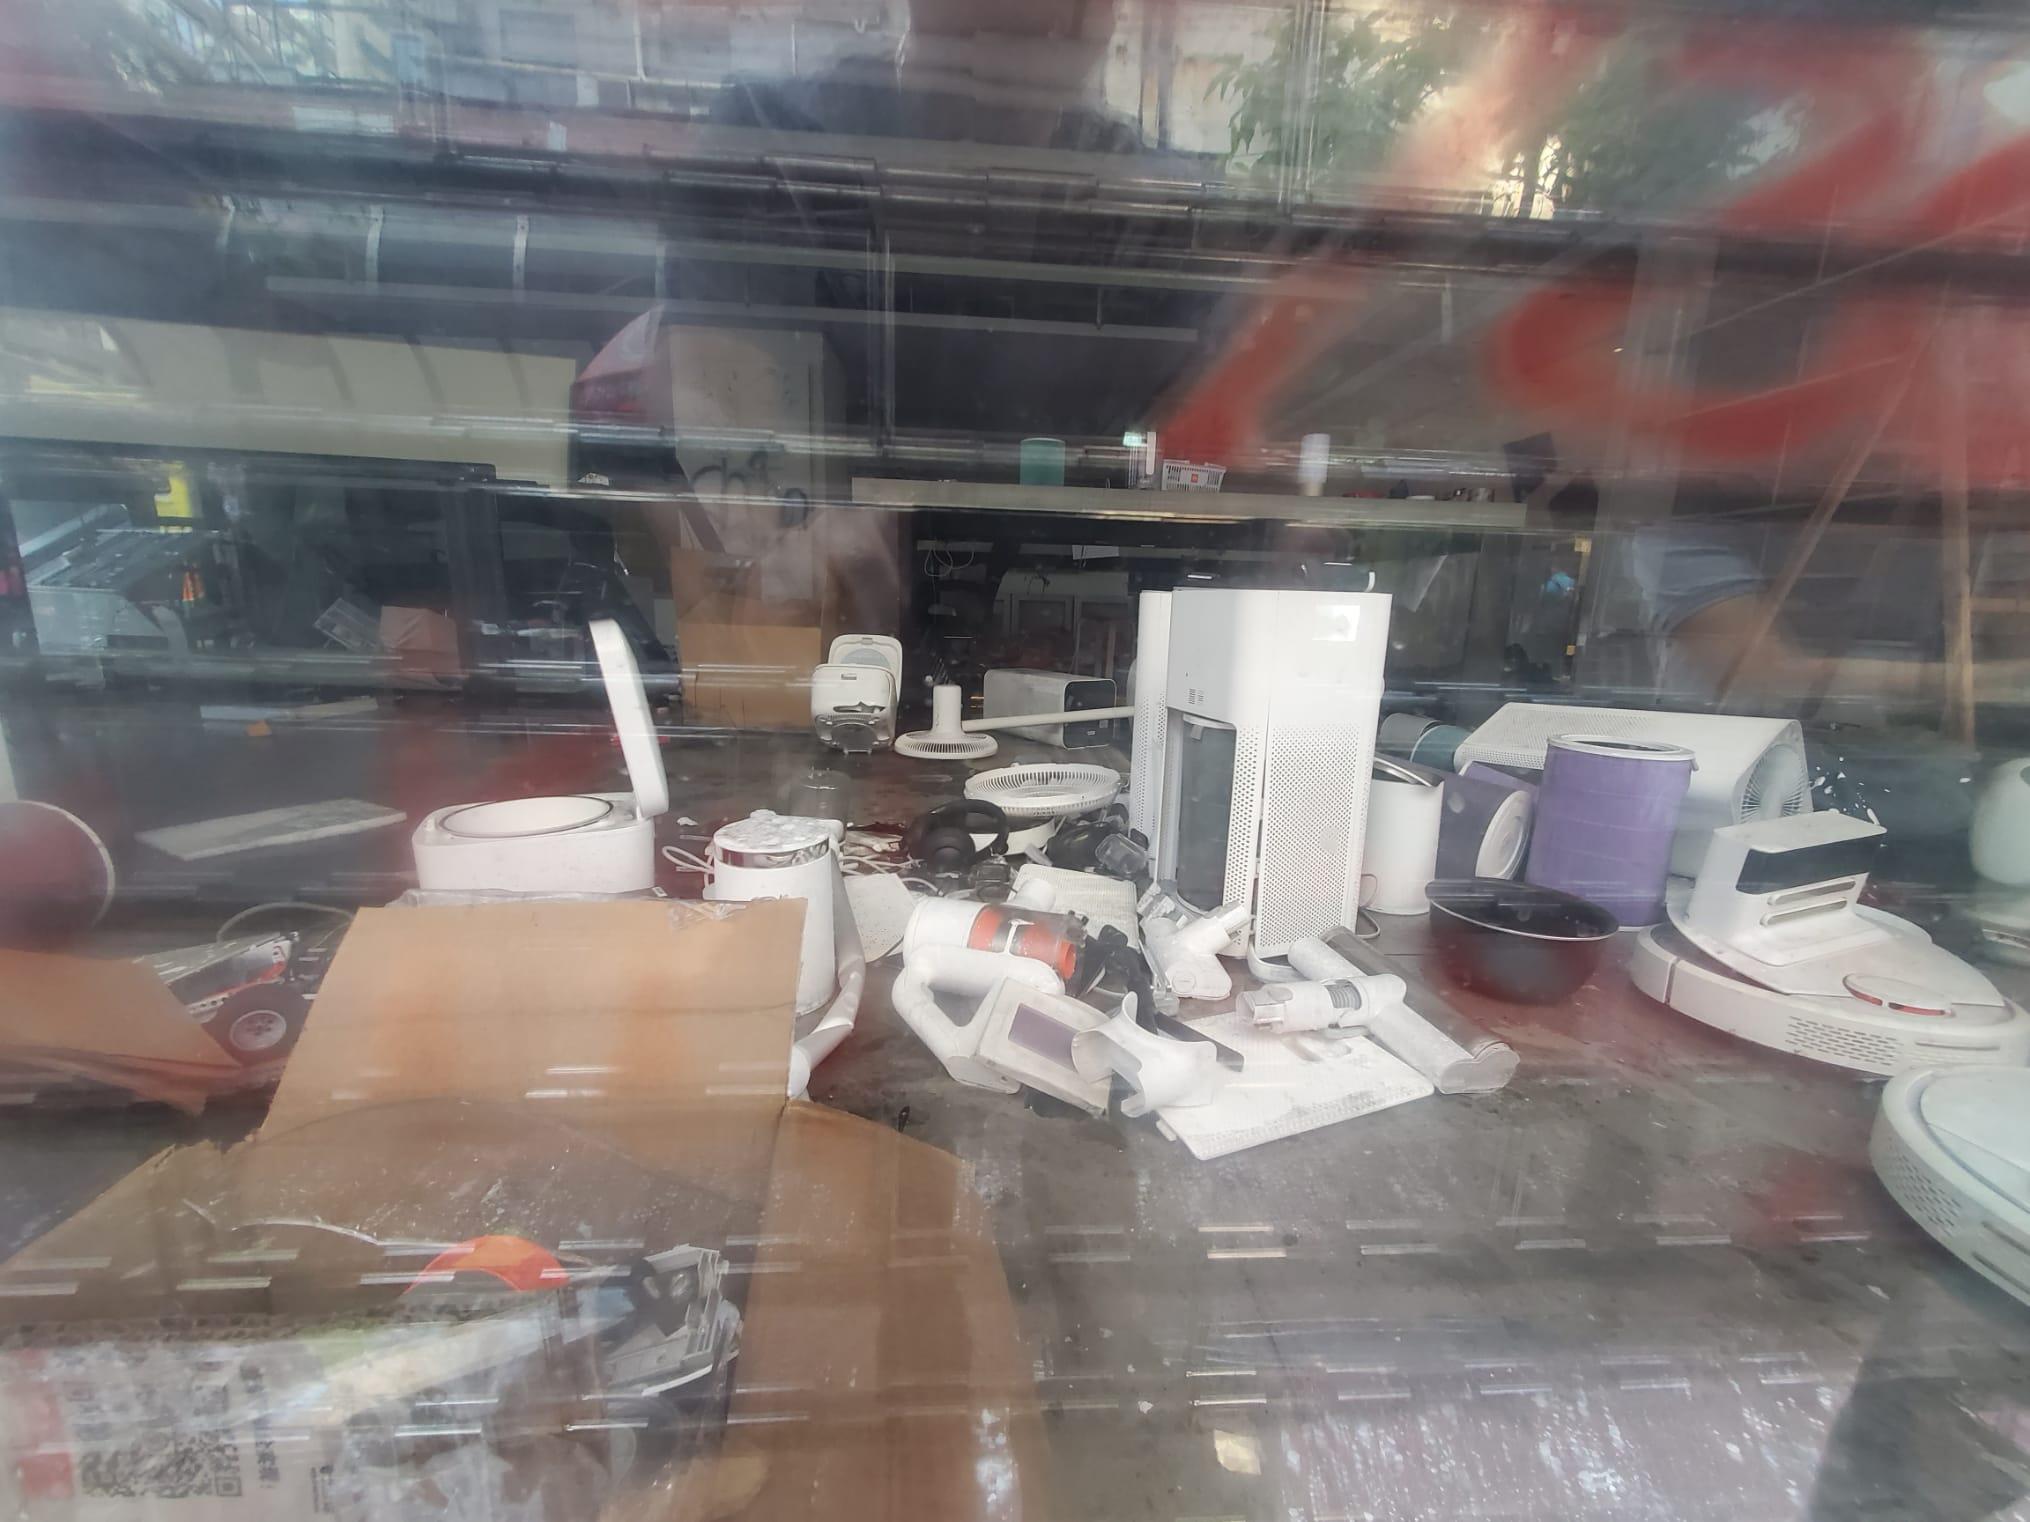 店內產品被破壞。 梁國峰攝